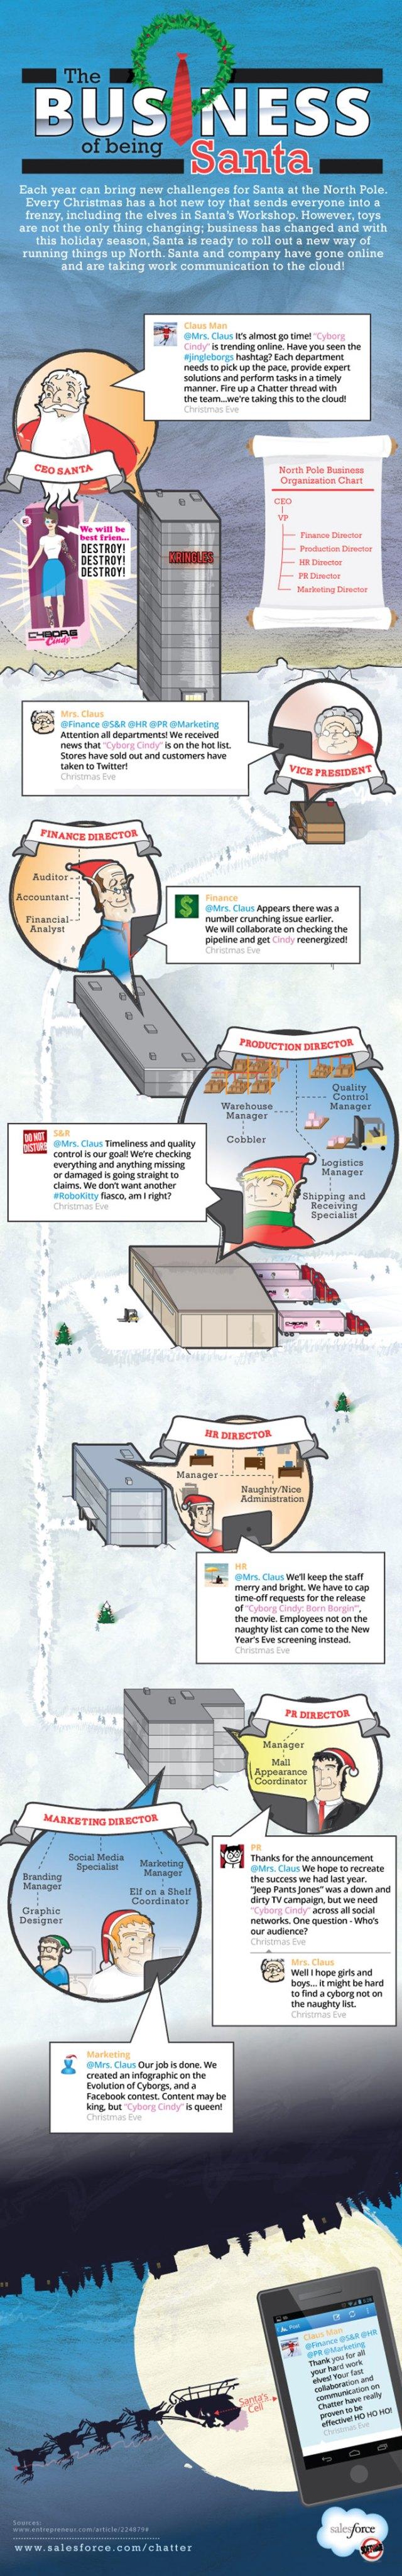 El negocio de ser Santa Claus